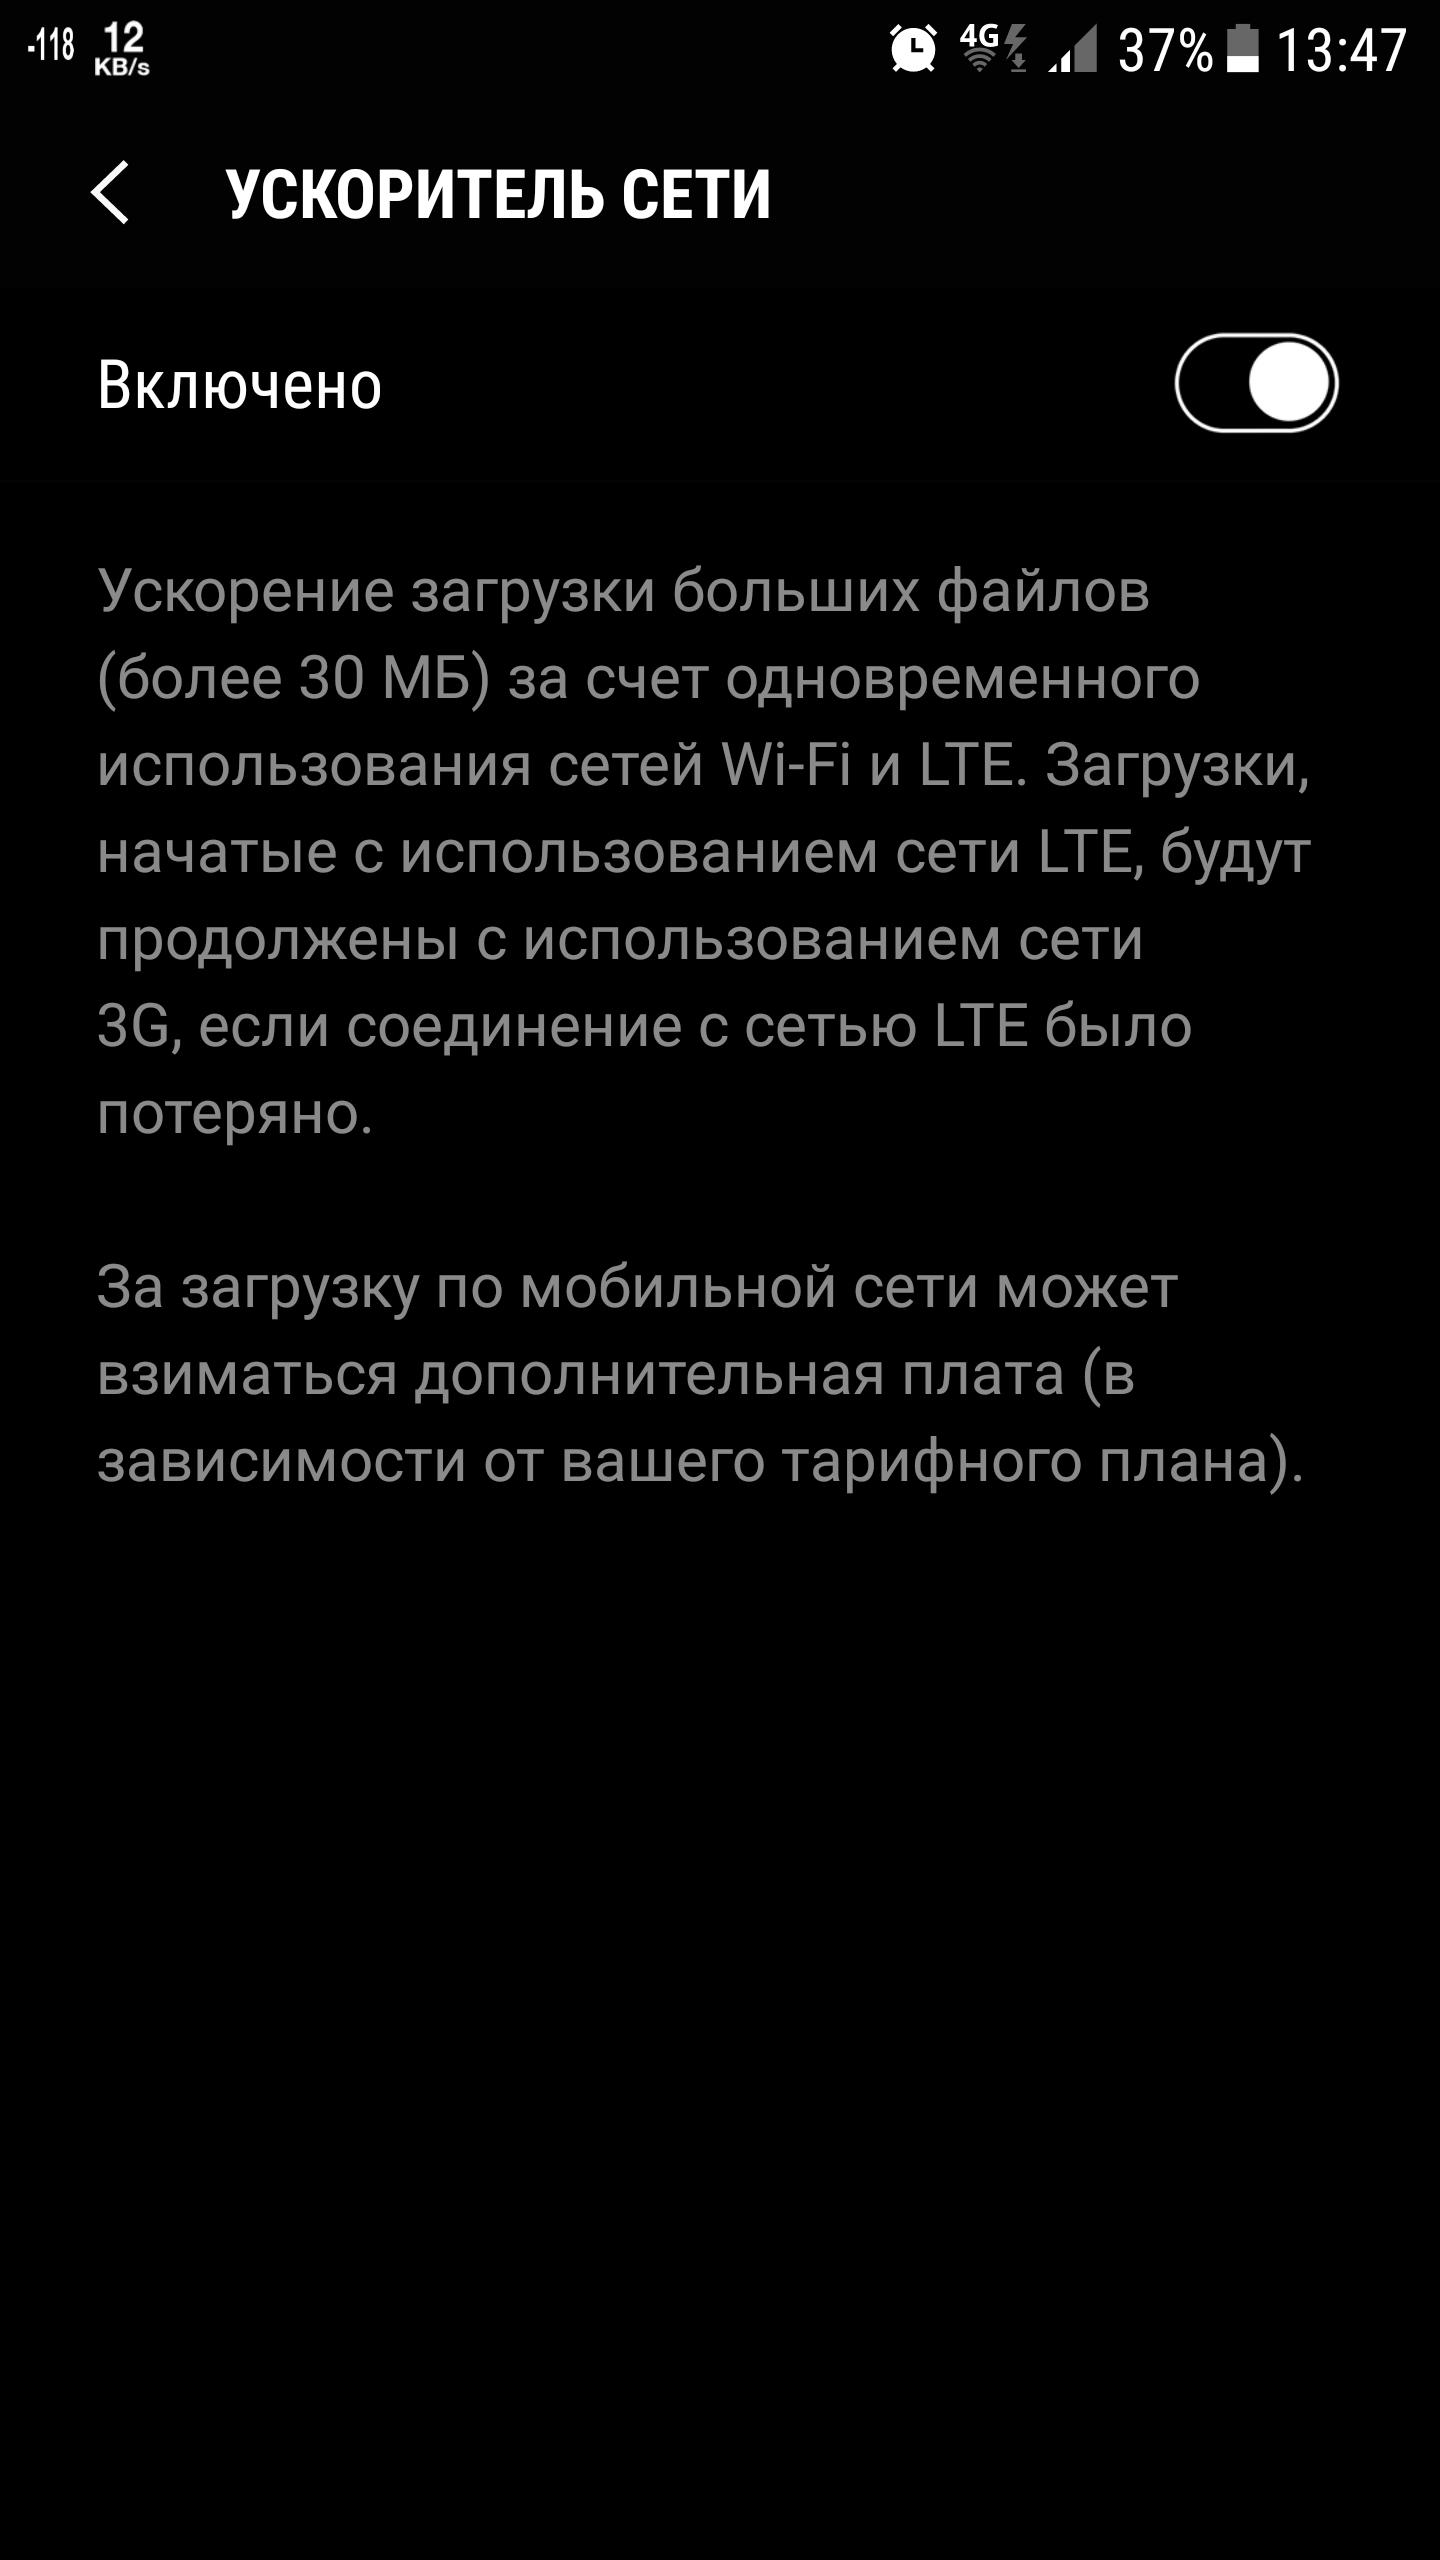 Ускоритель сети Samsung и Speedify